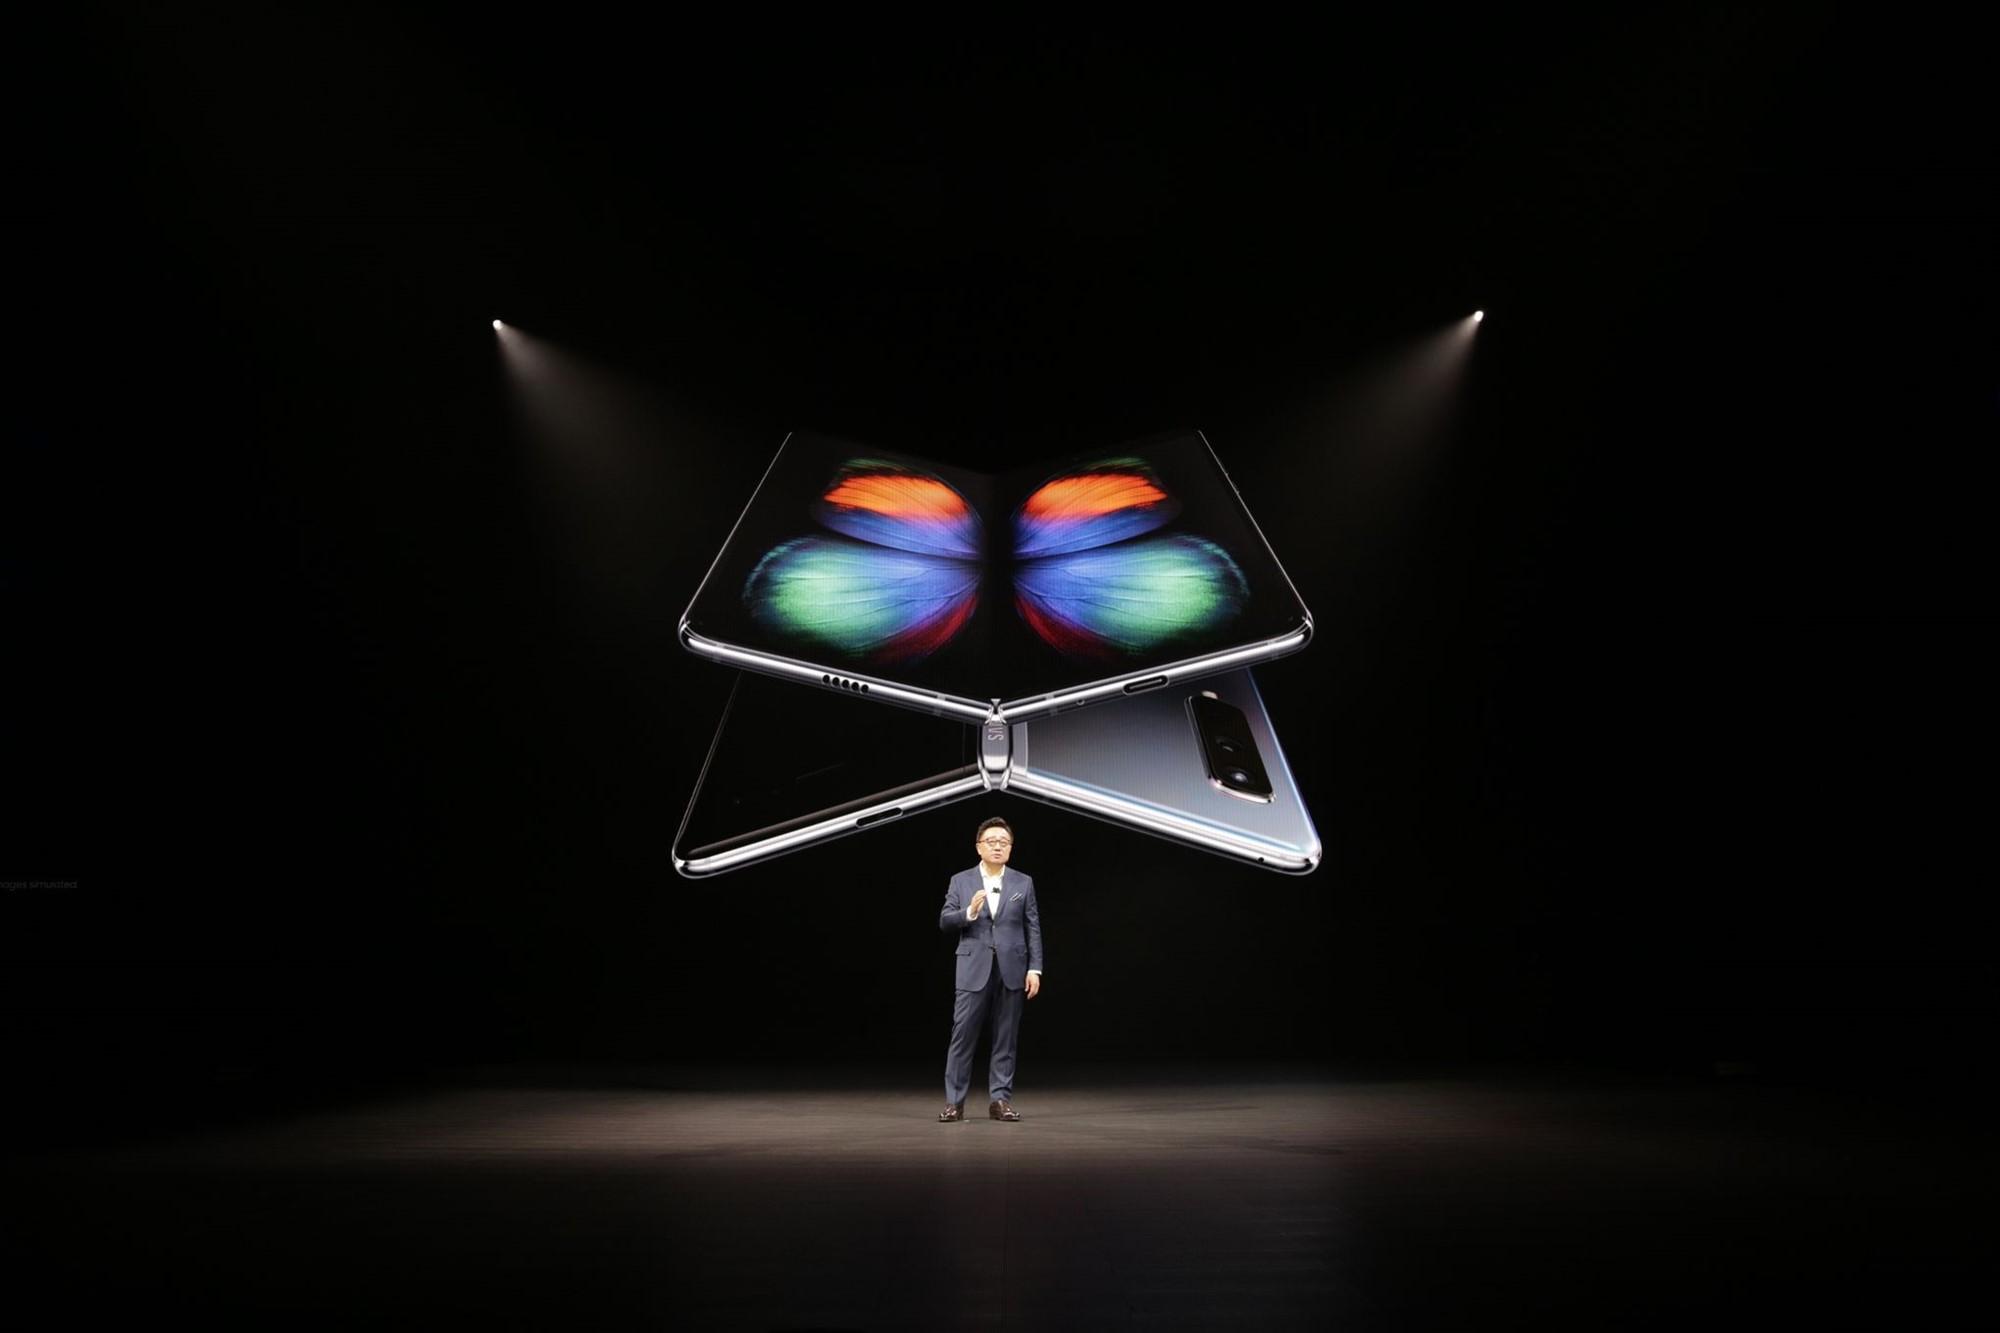 موبایل تاشو سامسونگ گلکسی فولد (Galaxy Fold) رسما معرفی شد